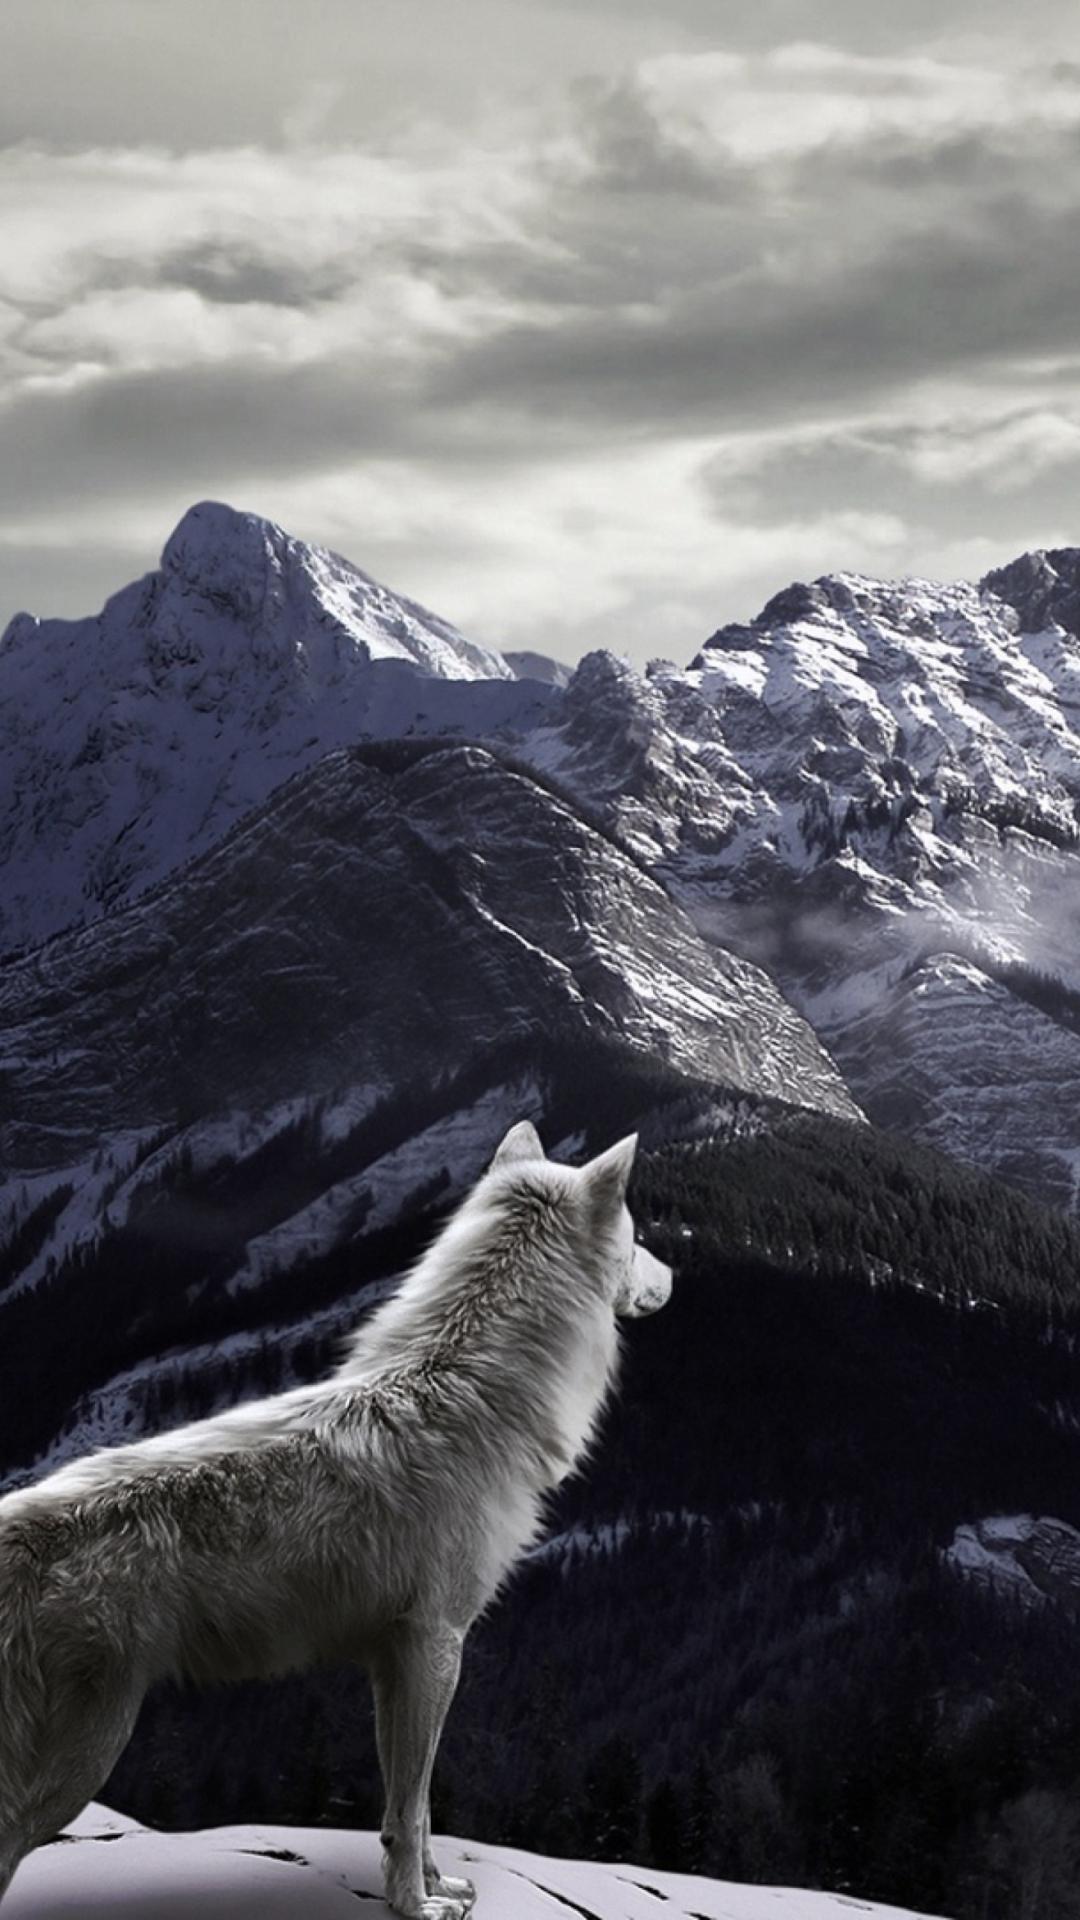 волк фото на айфон ненависти скуки давно